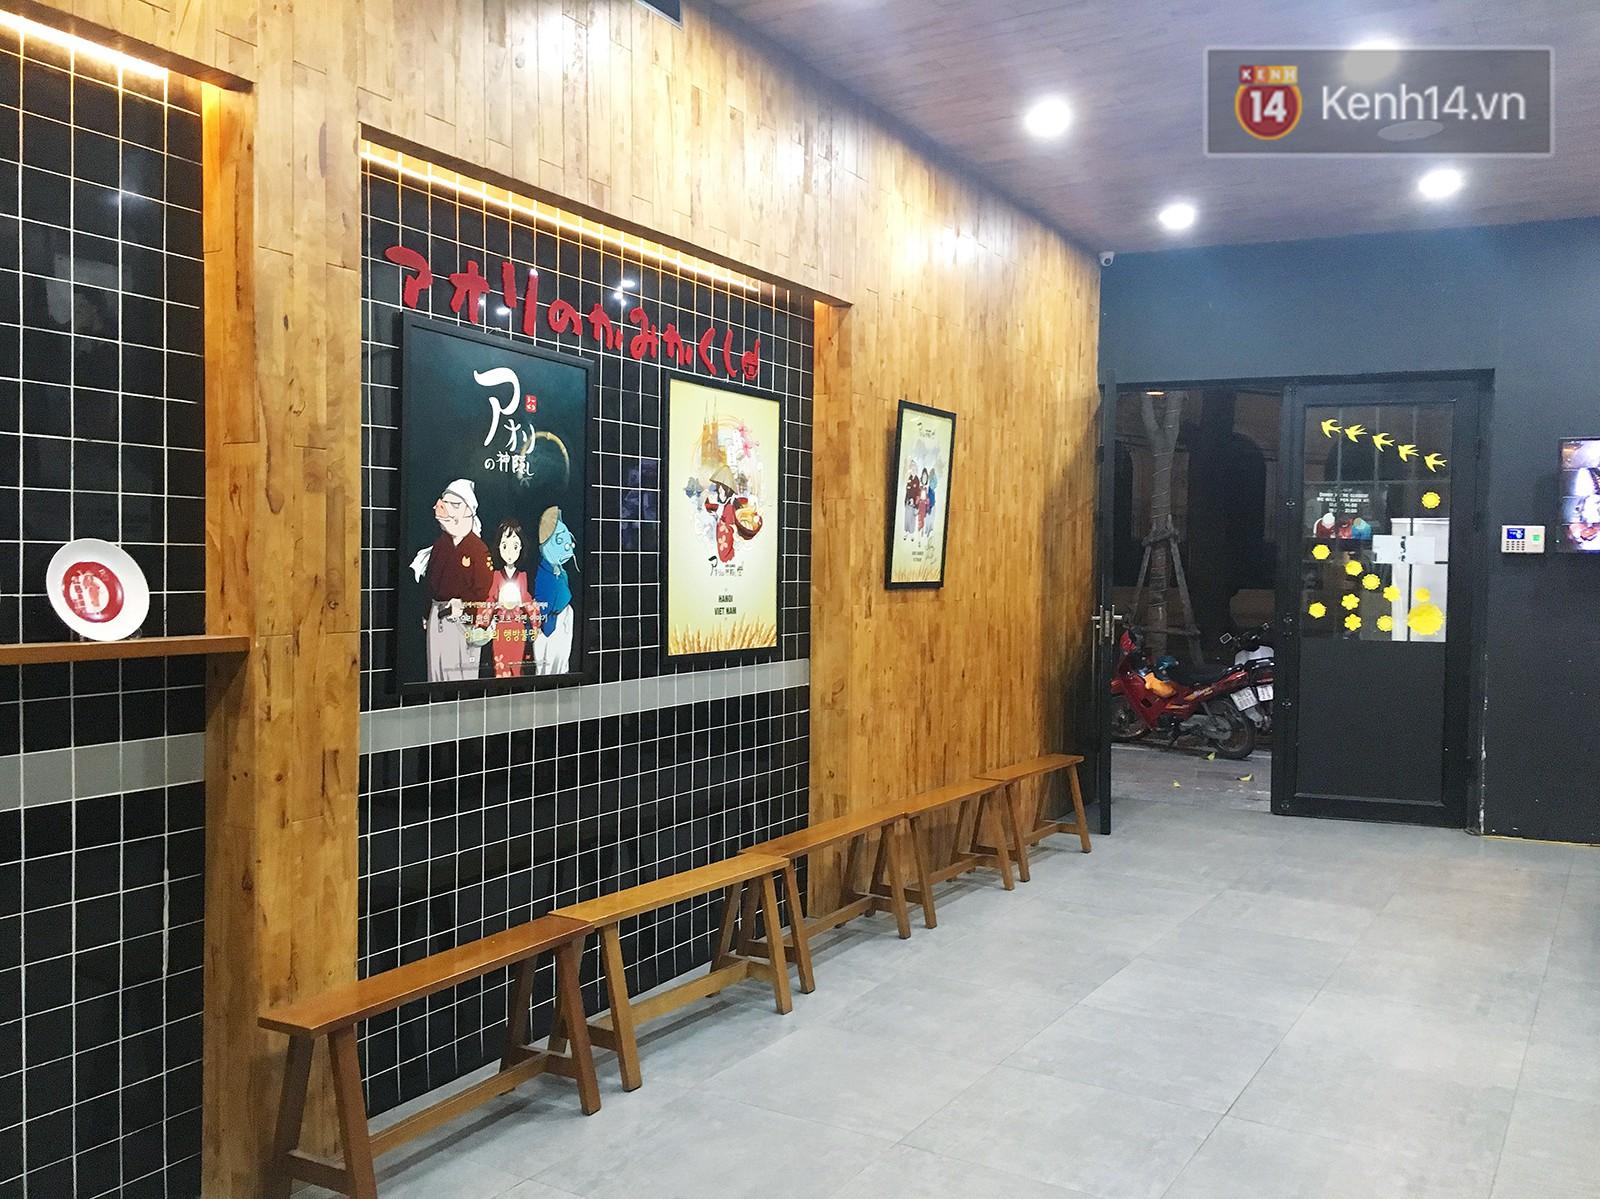 Không hơn gì bên Hàn, quán mì của Seungri tại Việt Nam cũng vắng khách: Đúng là không cần phải chờ nữa rồi! - Ảnh 3.